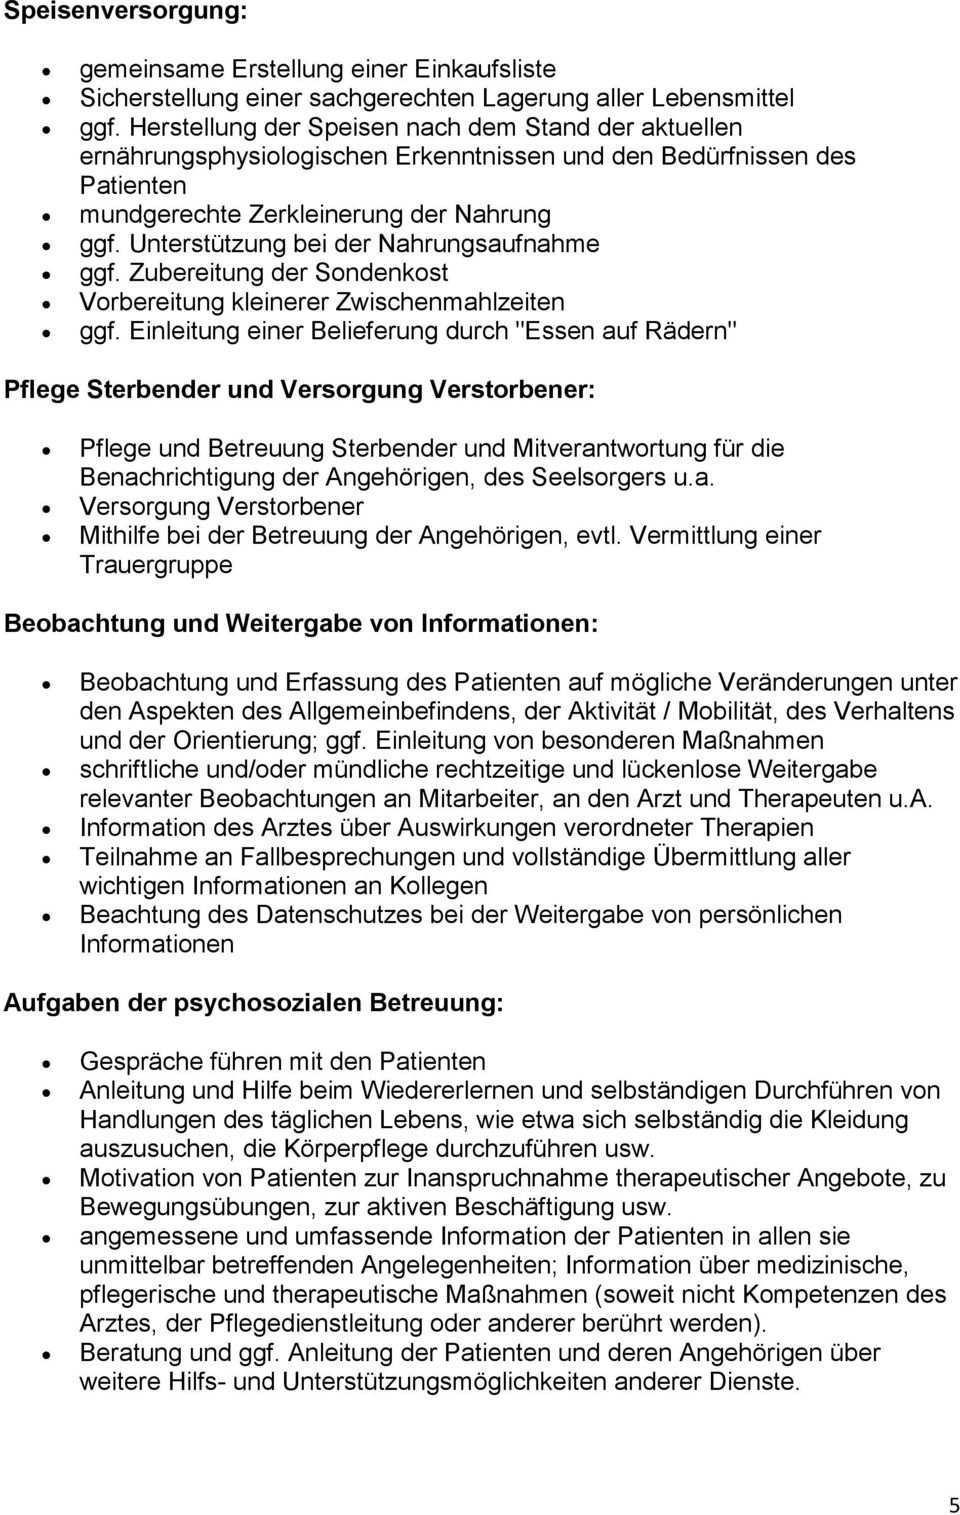 Stellenbeschreibung Pflegedienstleitung Pdf Free Download